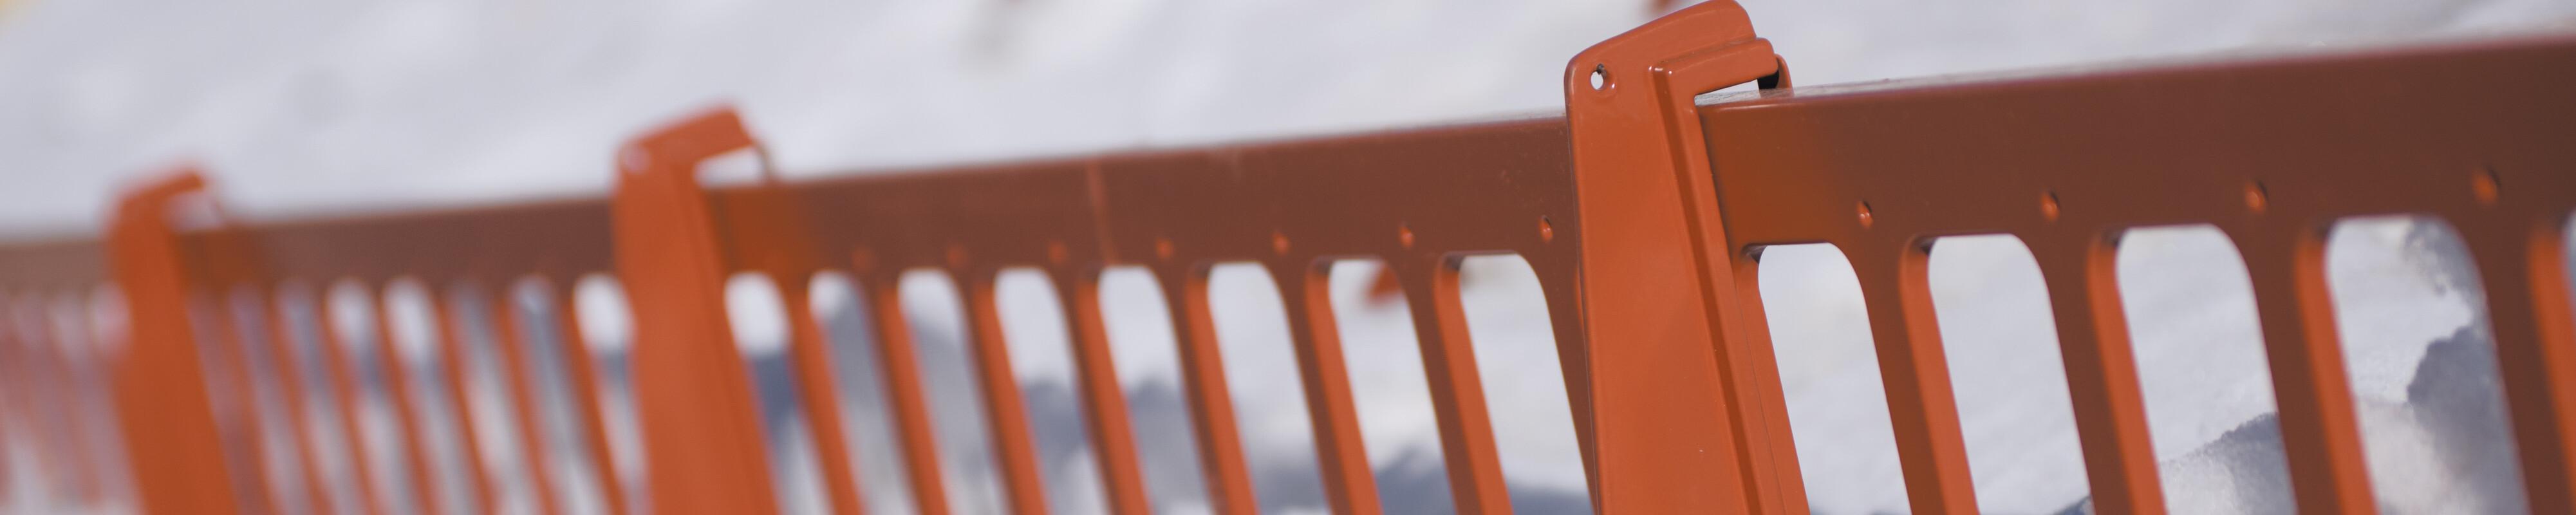 Rozwiązania chroniące przed śniegiem i lodem